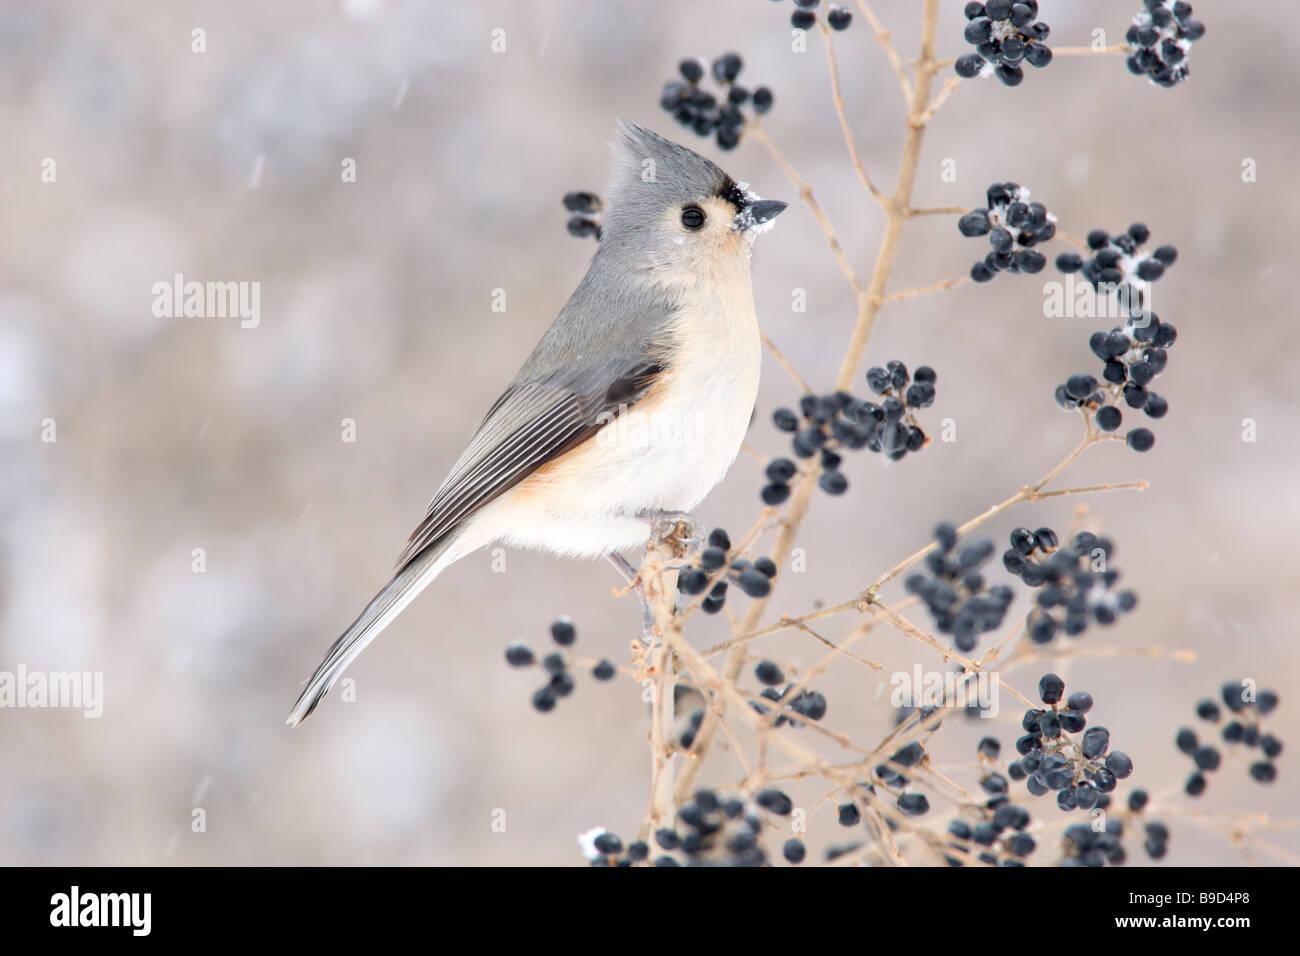 Tufted pajarito en el ligustro y la nieve del invierno Imagen De Stock